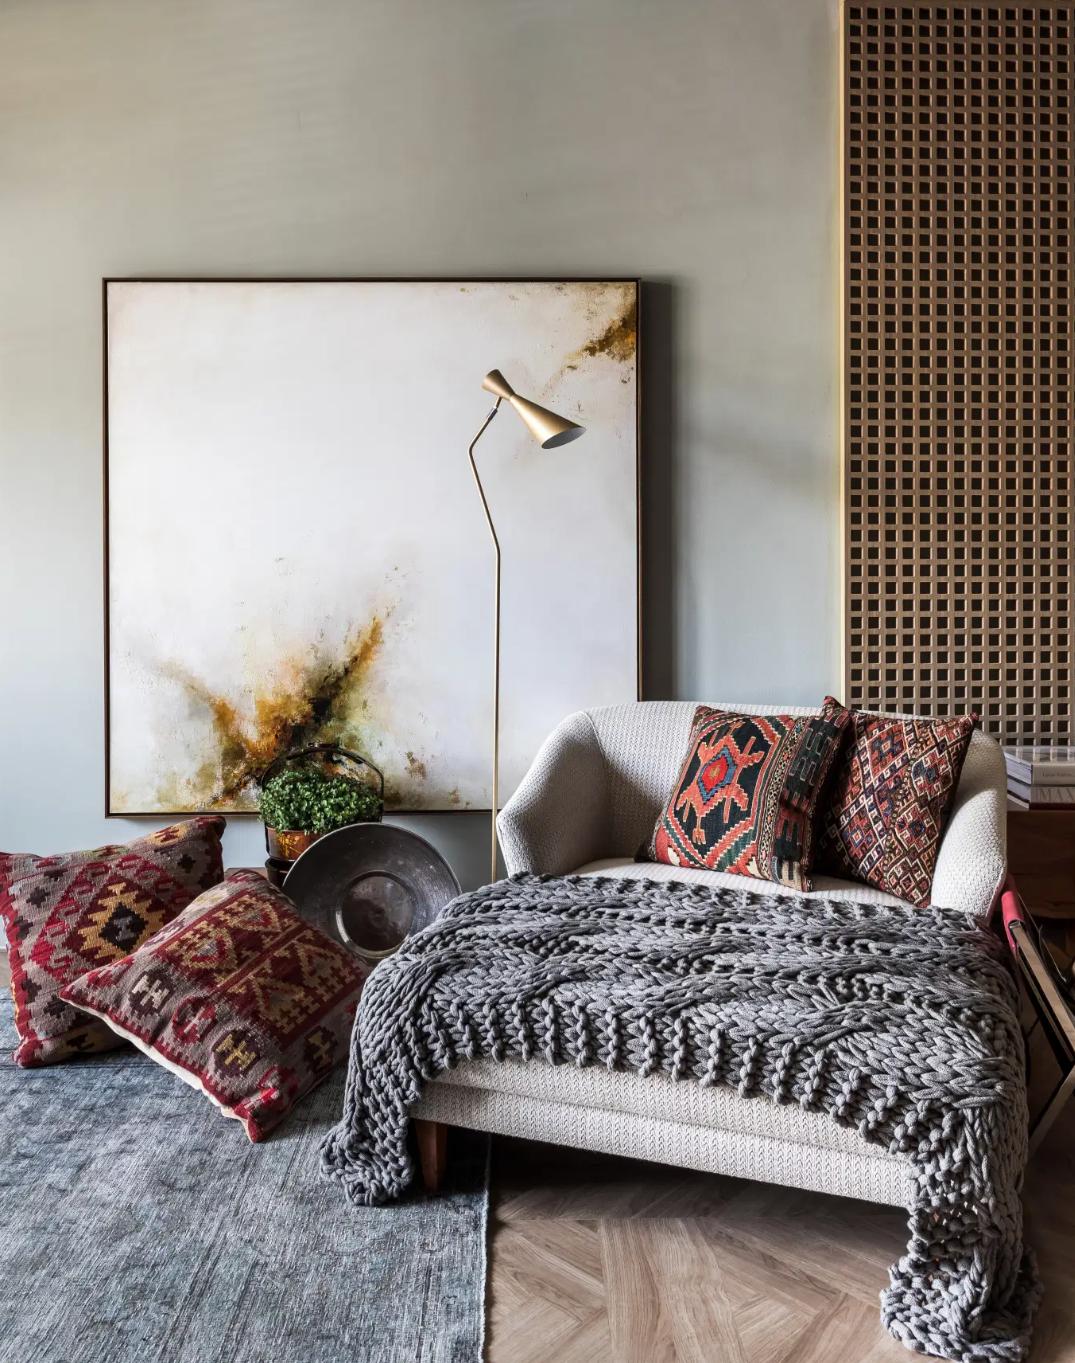 quadro poltrona decoração flávia mattar